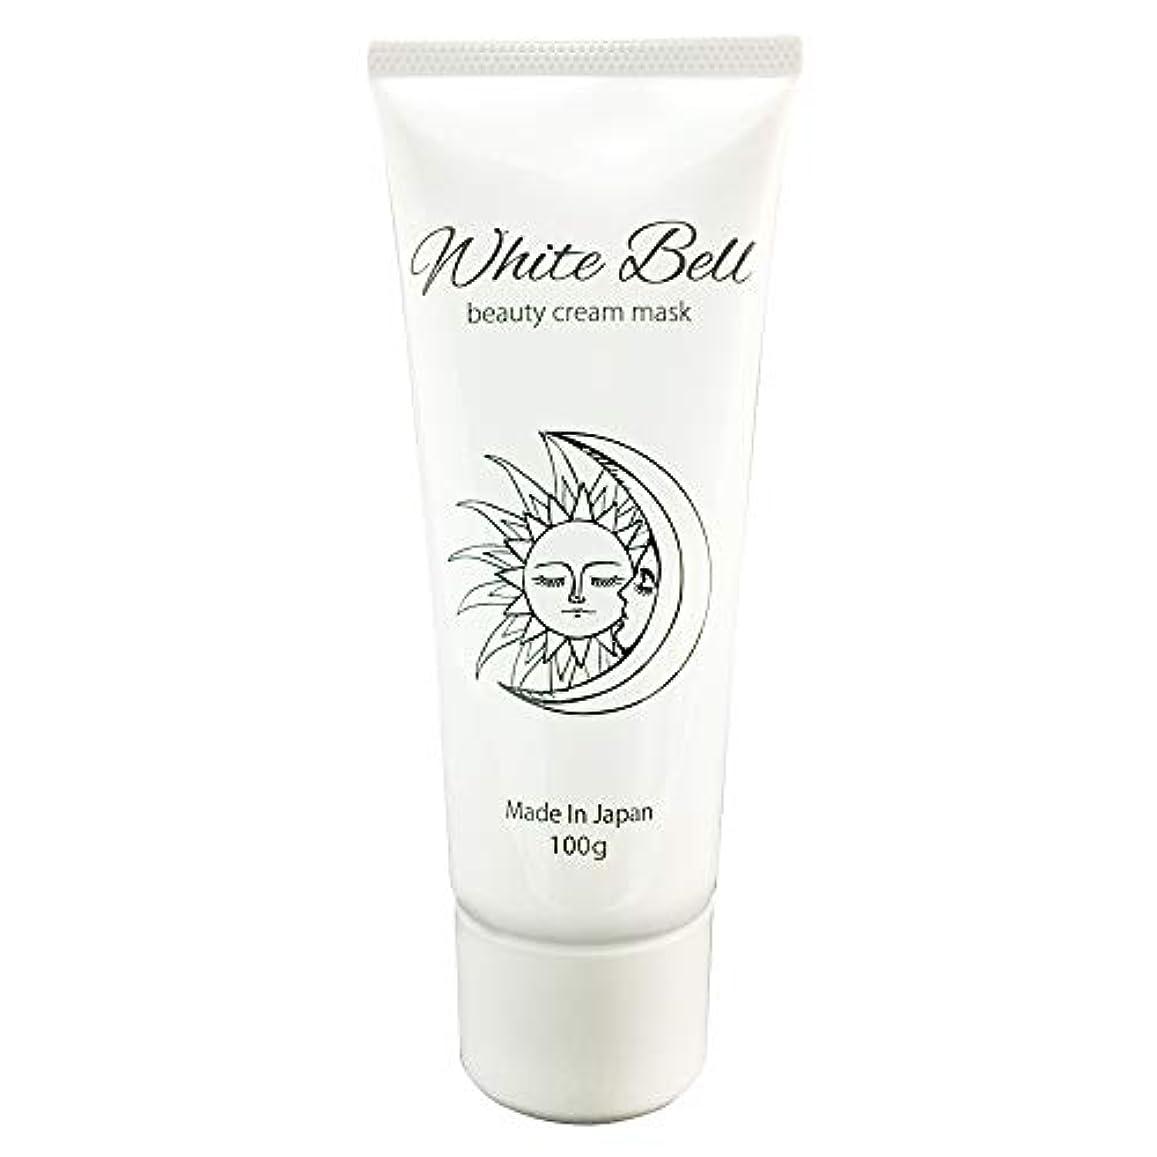 店員突っ込む呼び出すホワイトベル ビューティークリームマスク White-Bell beauty cream mask ナイトクリーム オールインワン